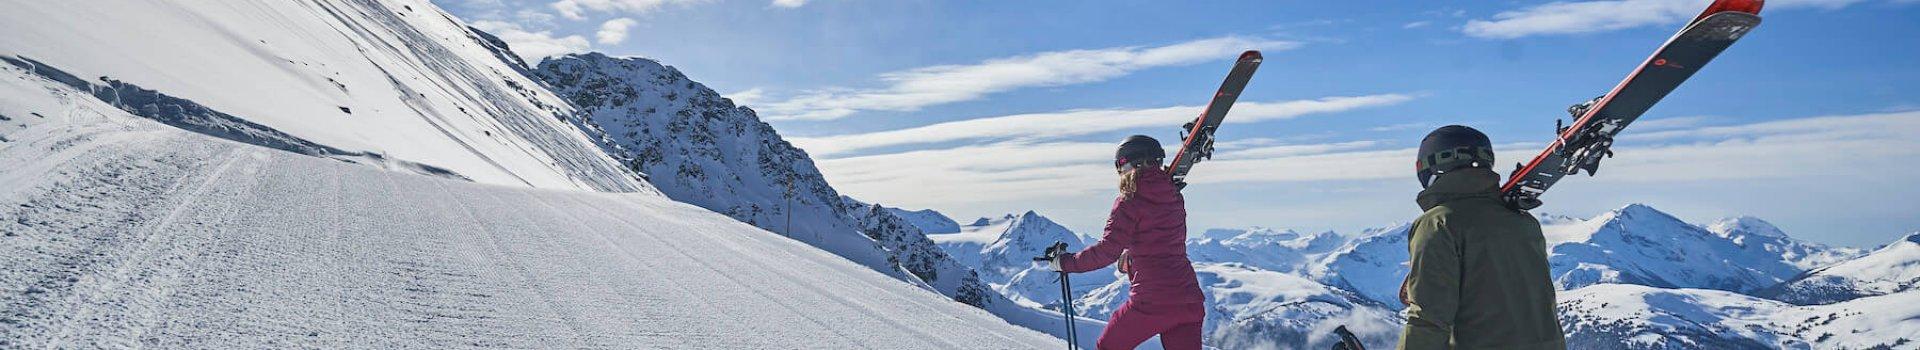 Narty Rossignol - propozycje dla początkujących i doświadczonych narciarzy